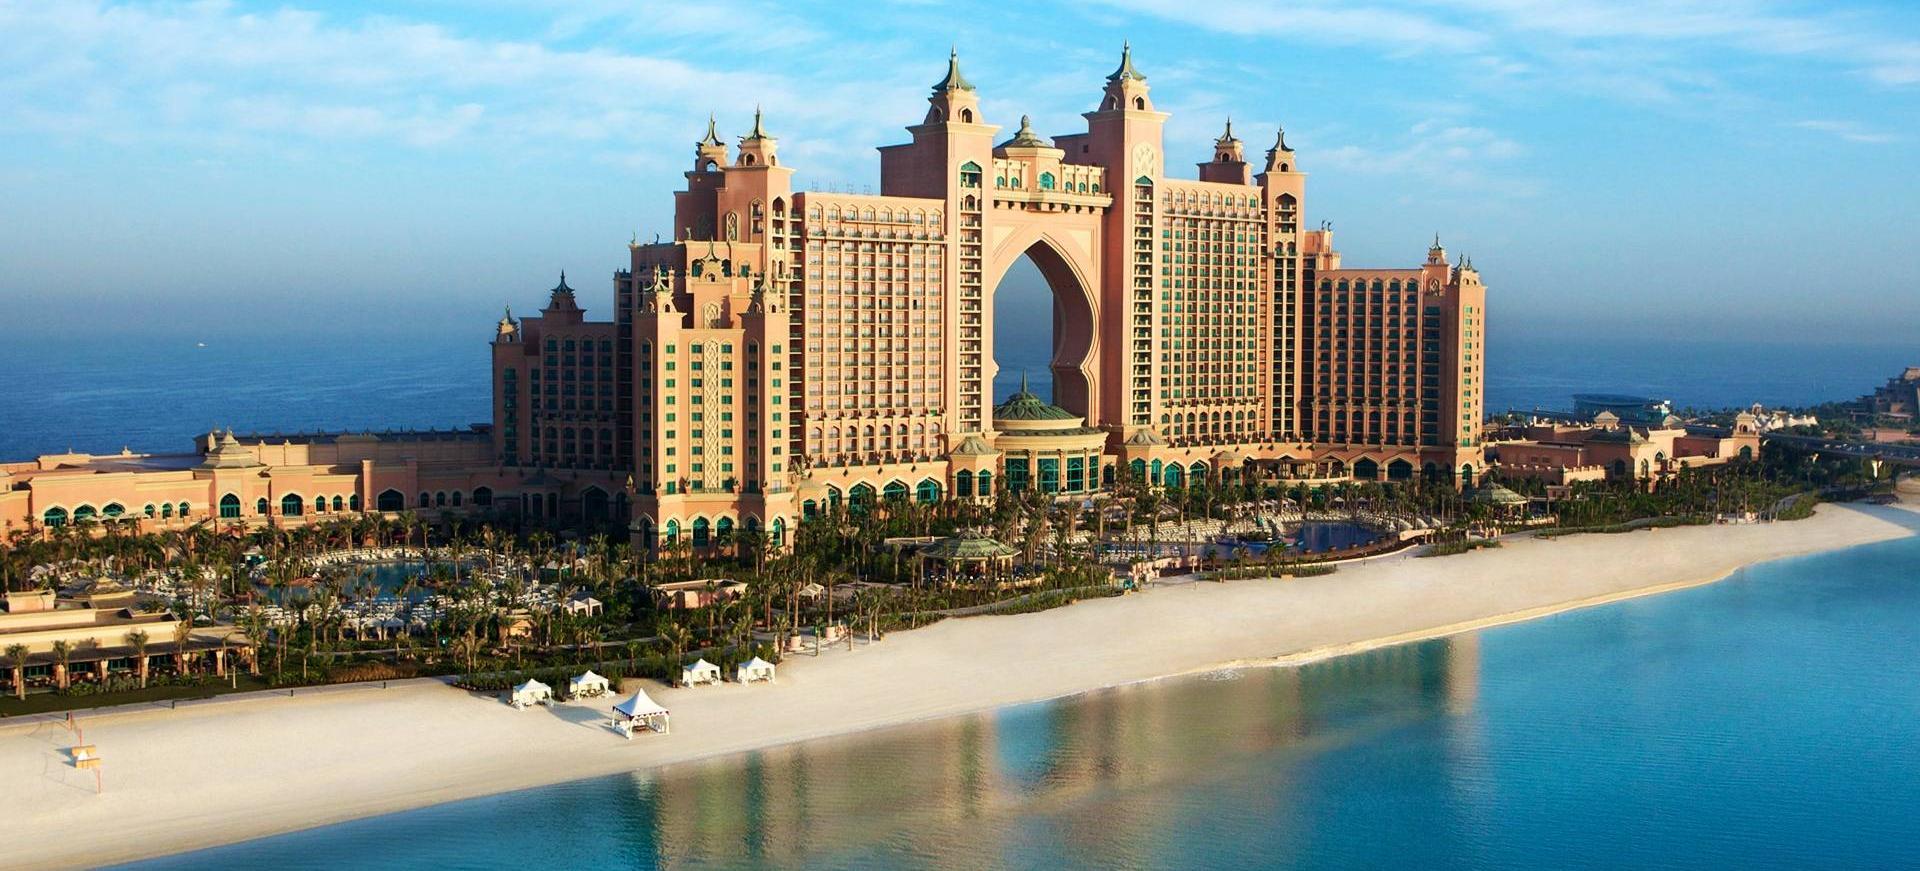 Дубай отель пальма квартиры в оаэ в строящихся домах купить